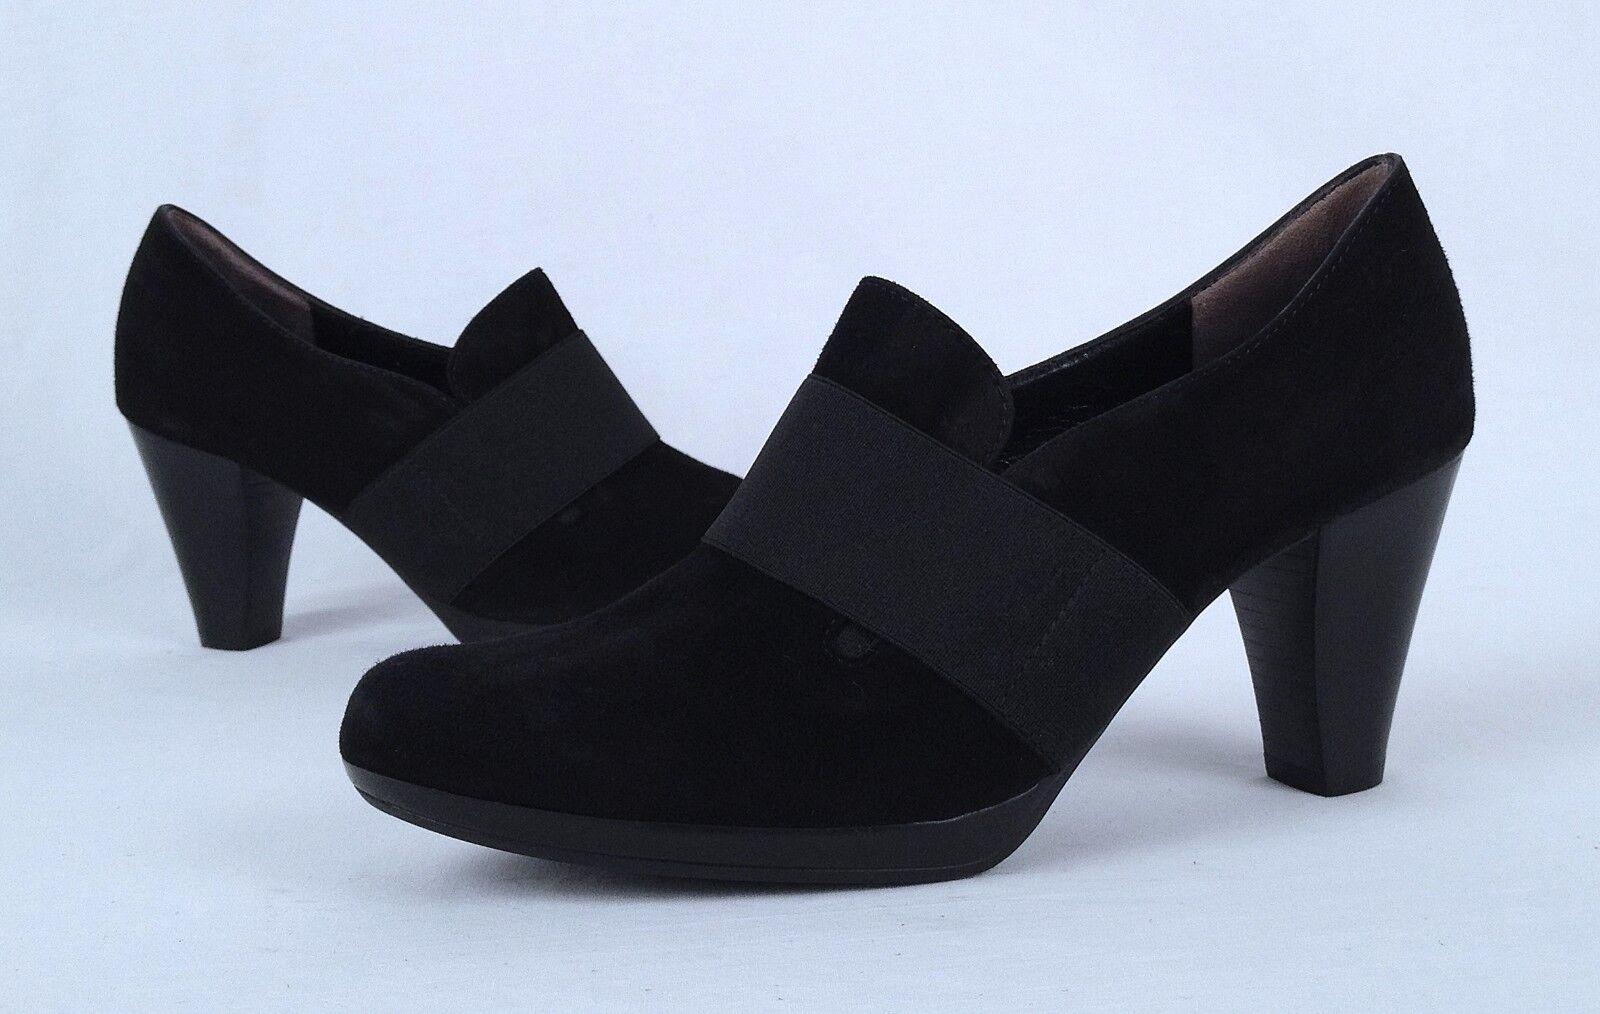 NEW!! Paul Green  'Jessie' Bootie -Black Size 6 US/ 3.5 AU  $329  (BBB1)